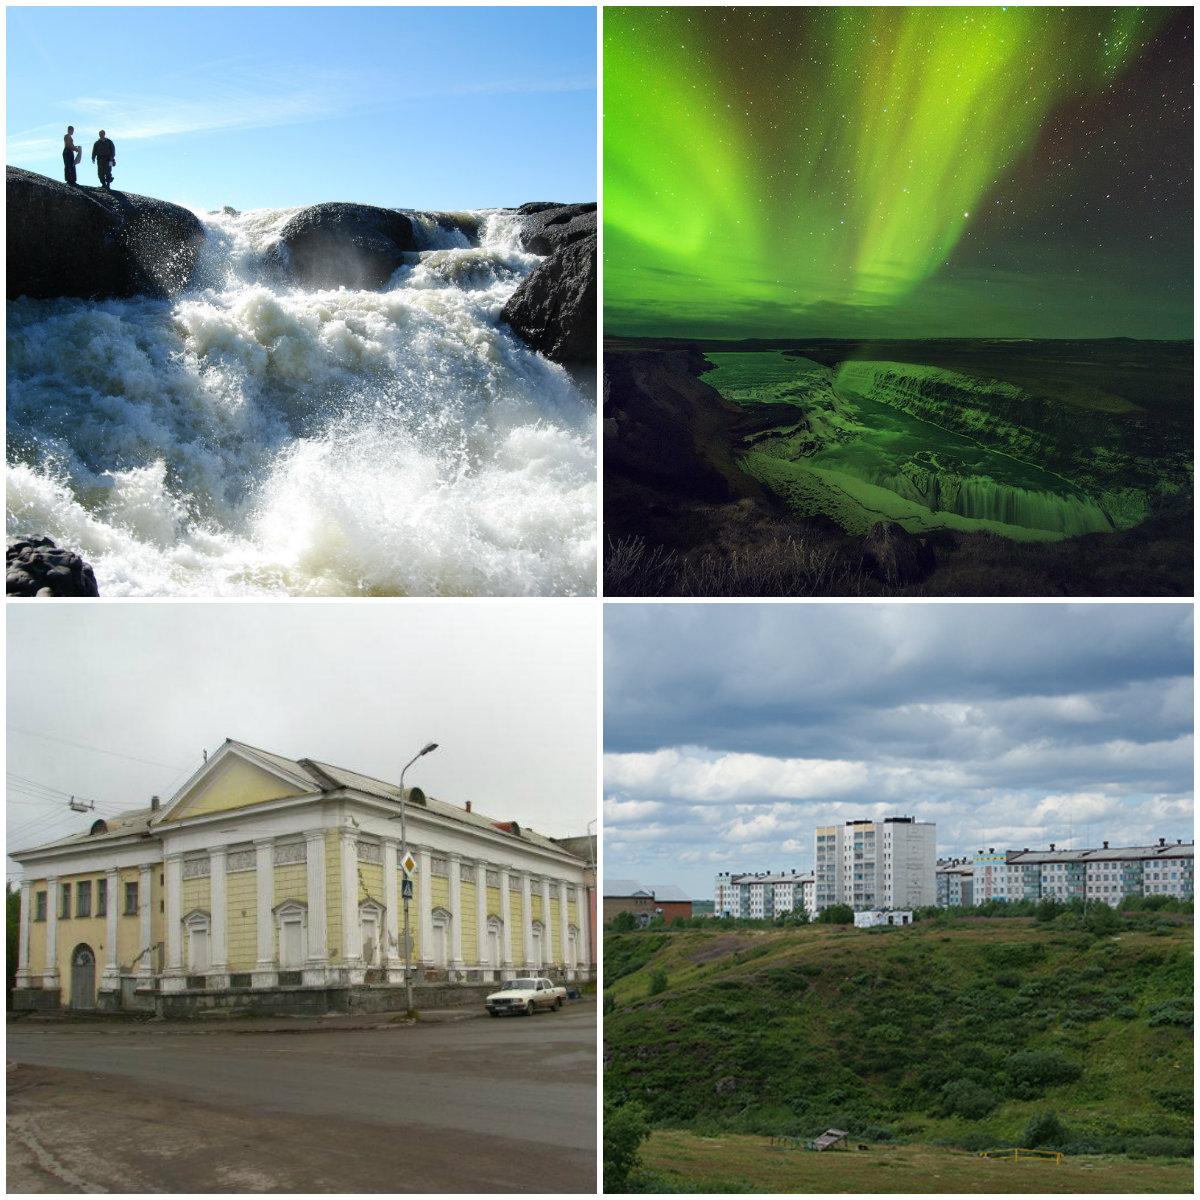 Воркута: геологический памятник, заполярные водопады и необычный кукольный театр в краю северного сияния